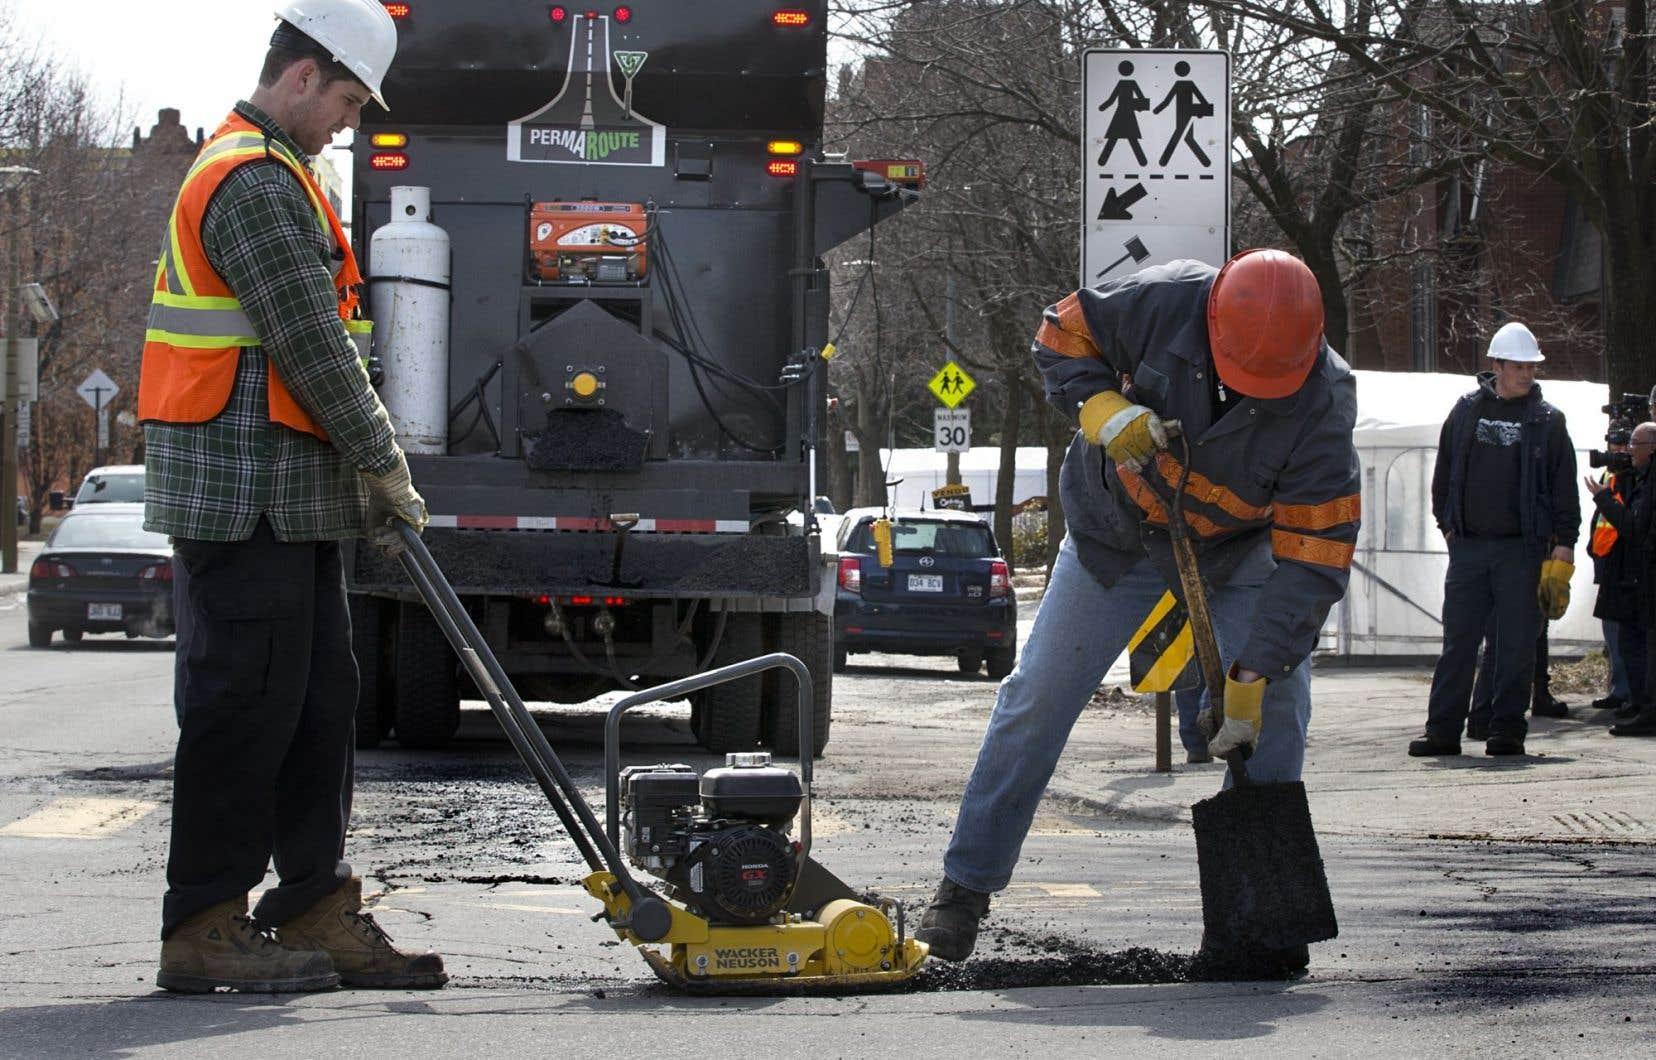 Ces dernières semaines, la Ville de Québeca reçu un nombre record de plaintes de citoyens en raison des nombreux nids-de-poule qui sont apparus après le mois de février.